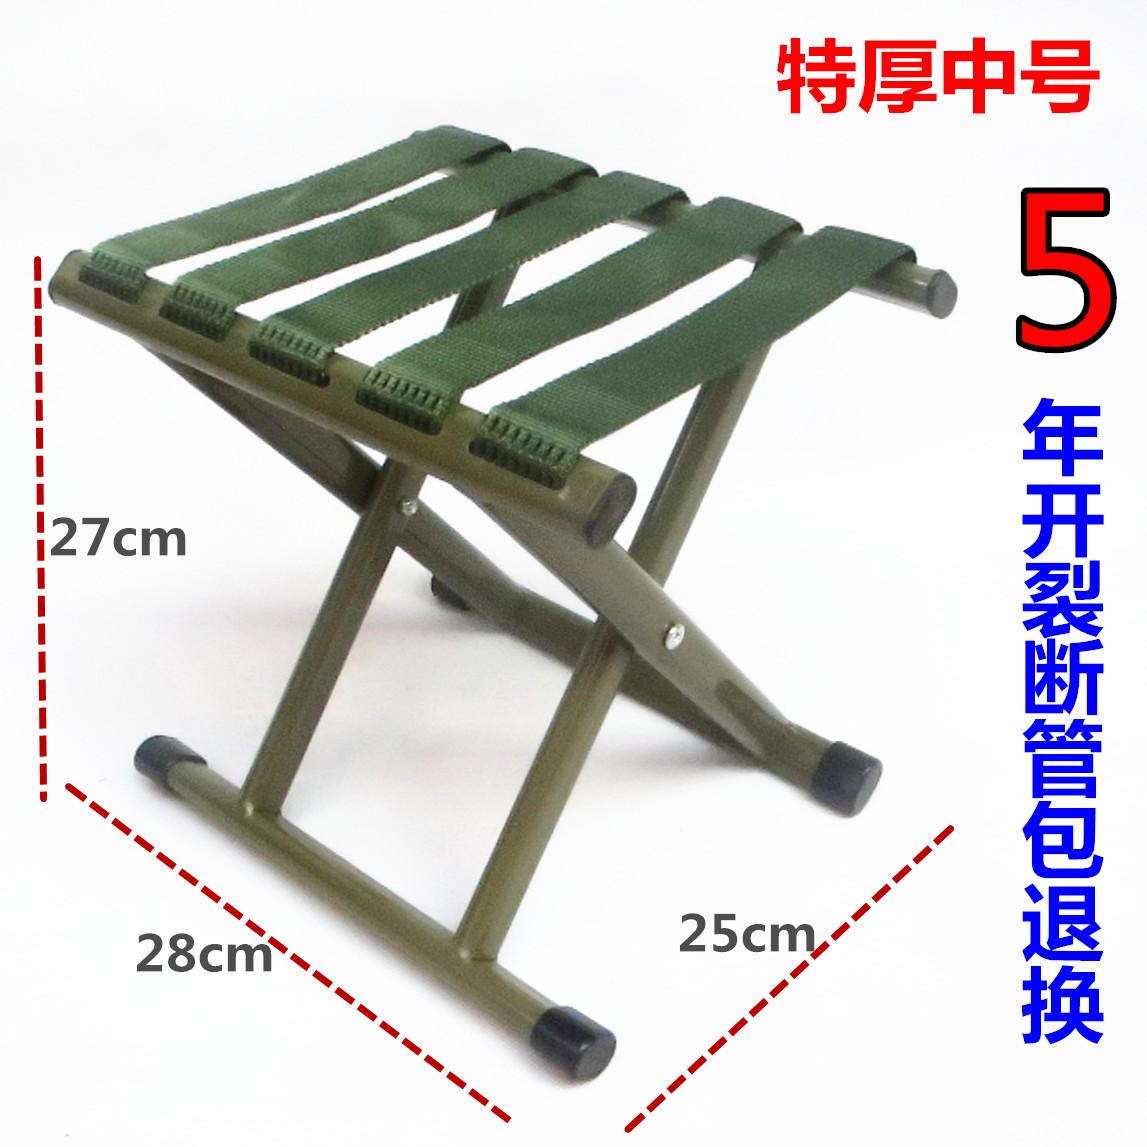 军工马扎加厚加固凳子折叠便捷马扎家用凳子户外火车小板凳 包邮